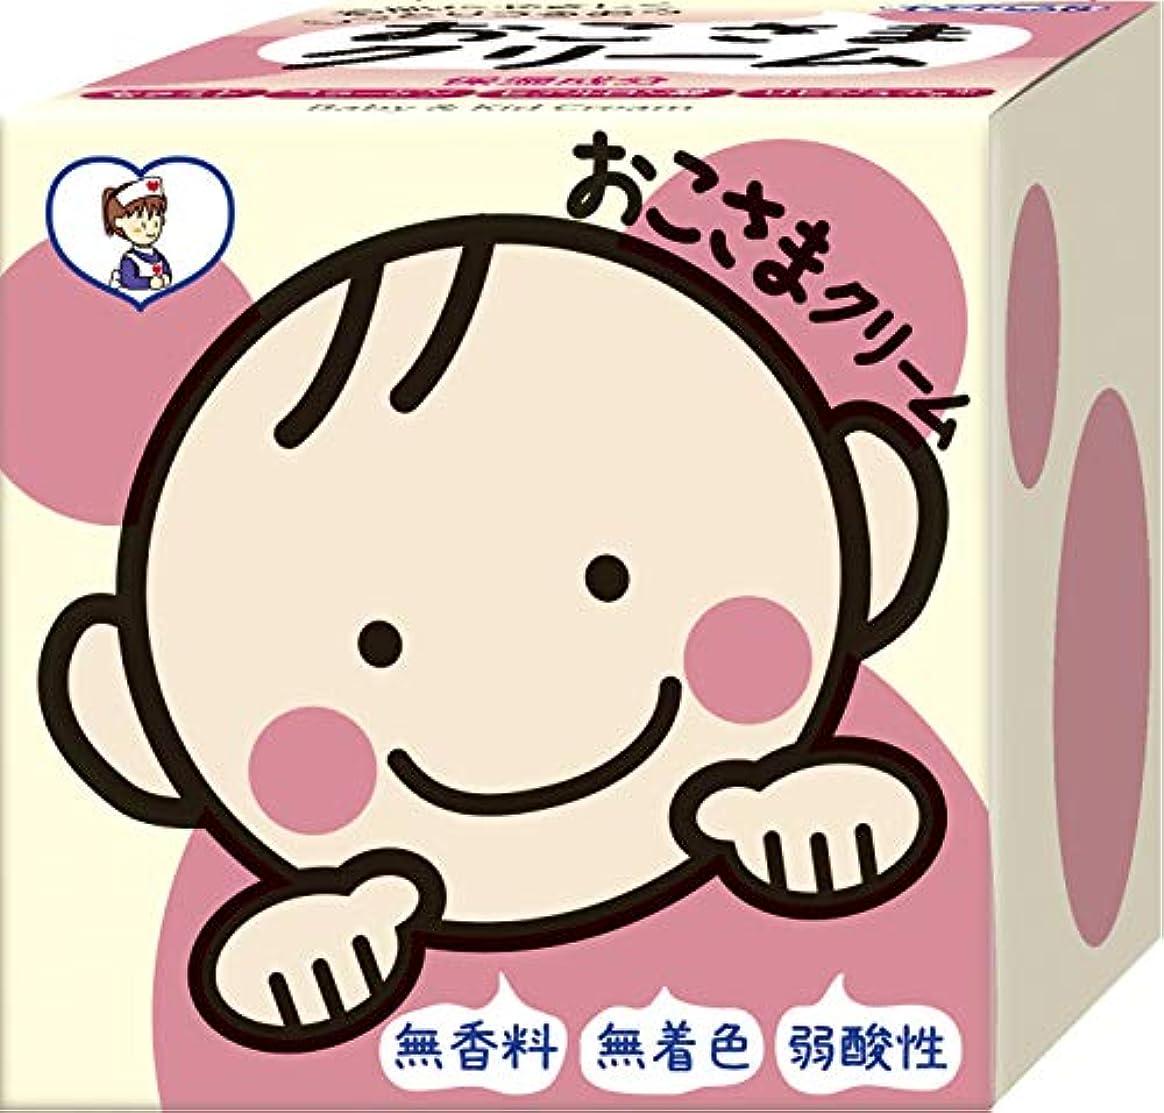 買い物に行く眠いですTO-PLAN(トプラン) おこさまクリーム110g 無着色 無香料 低刺激クリーム